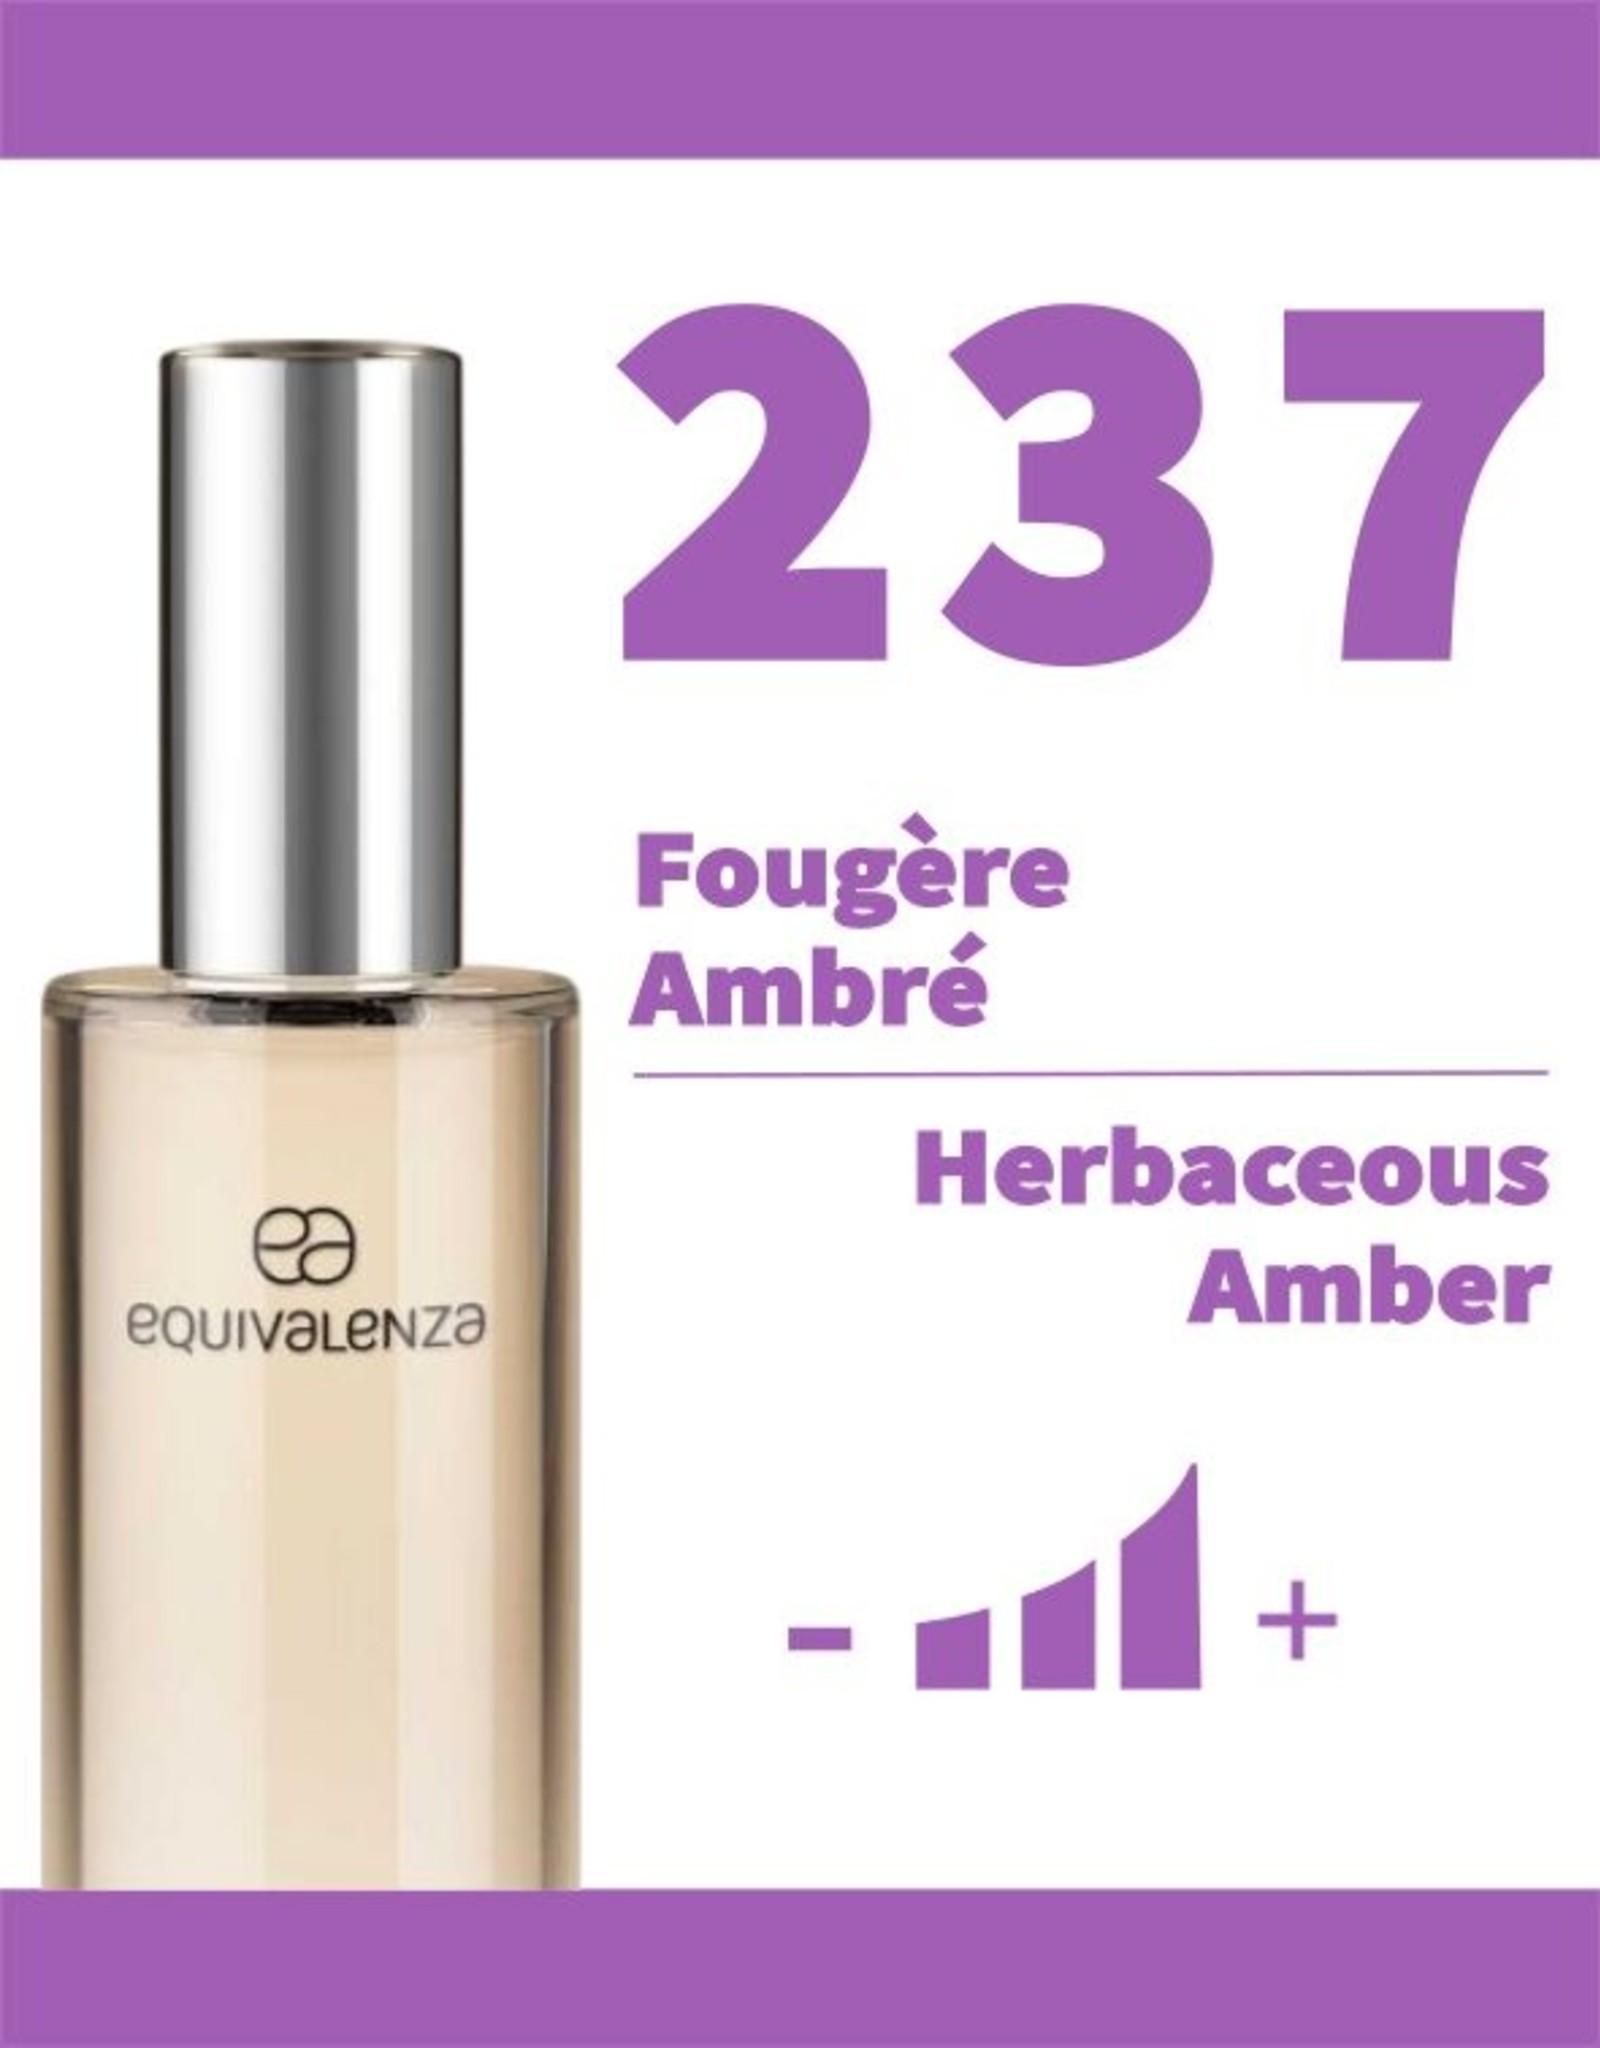 Equivalenza Fougère Ambré 237